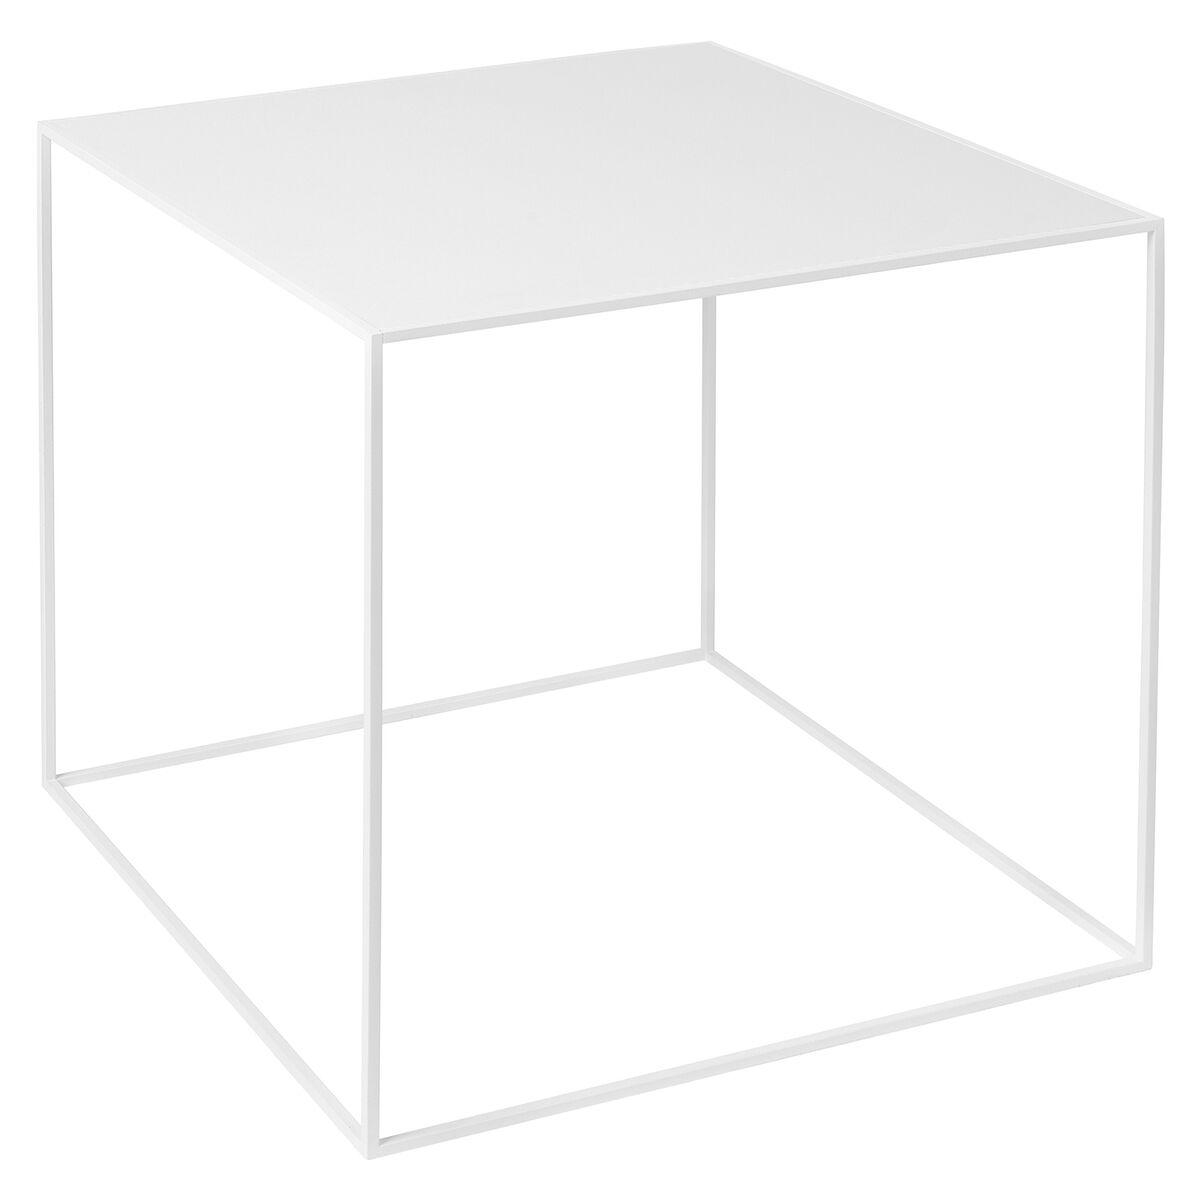 By Lassen Twin 42 sohvapöytä valkoinen, valkoinen/tammi